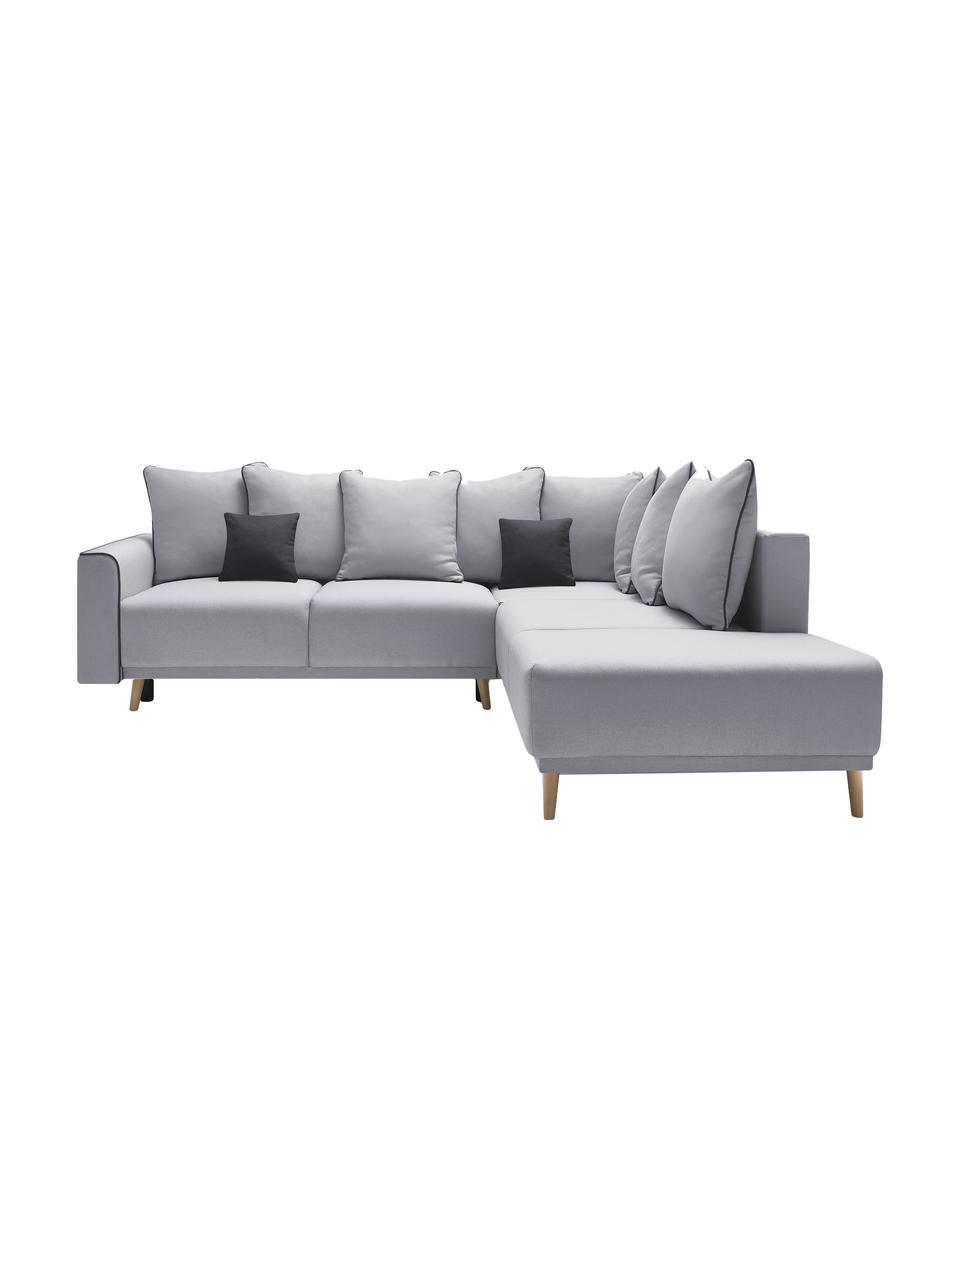 Sofa narożna XXL z funkcją spania i miejscem do przechowywania Mola, Tapicerka: poliester, Szary, S 252 x G 215 cm